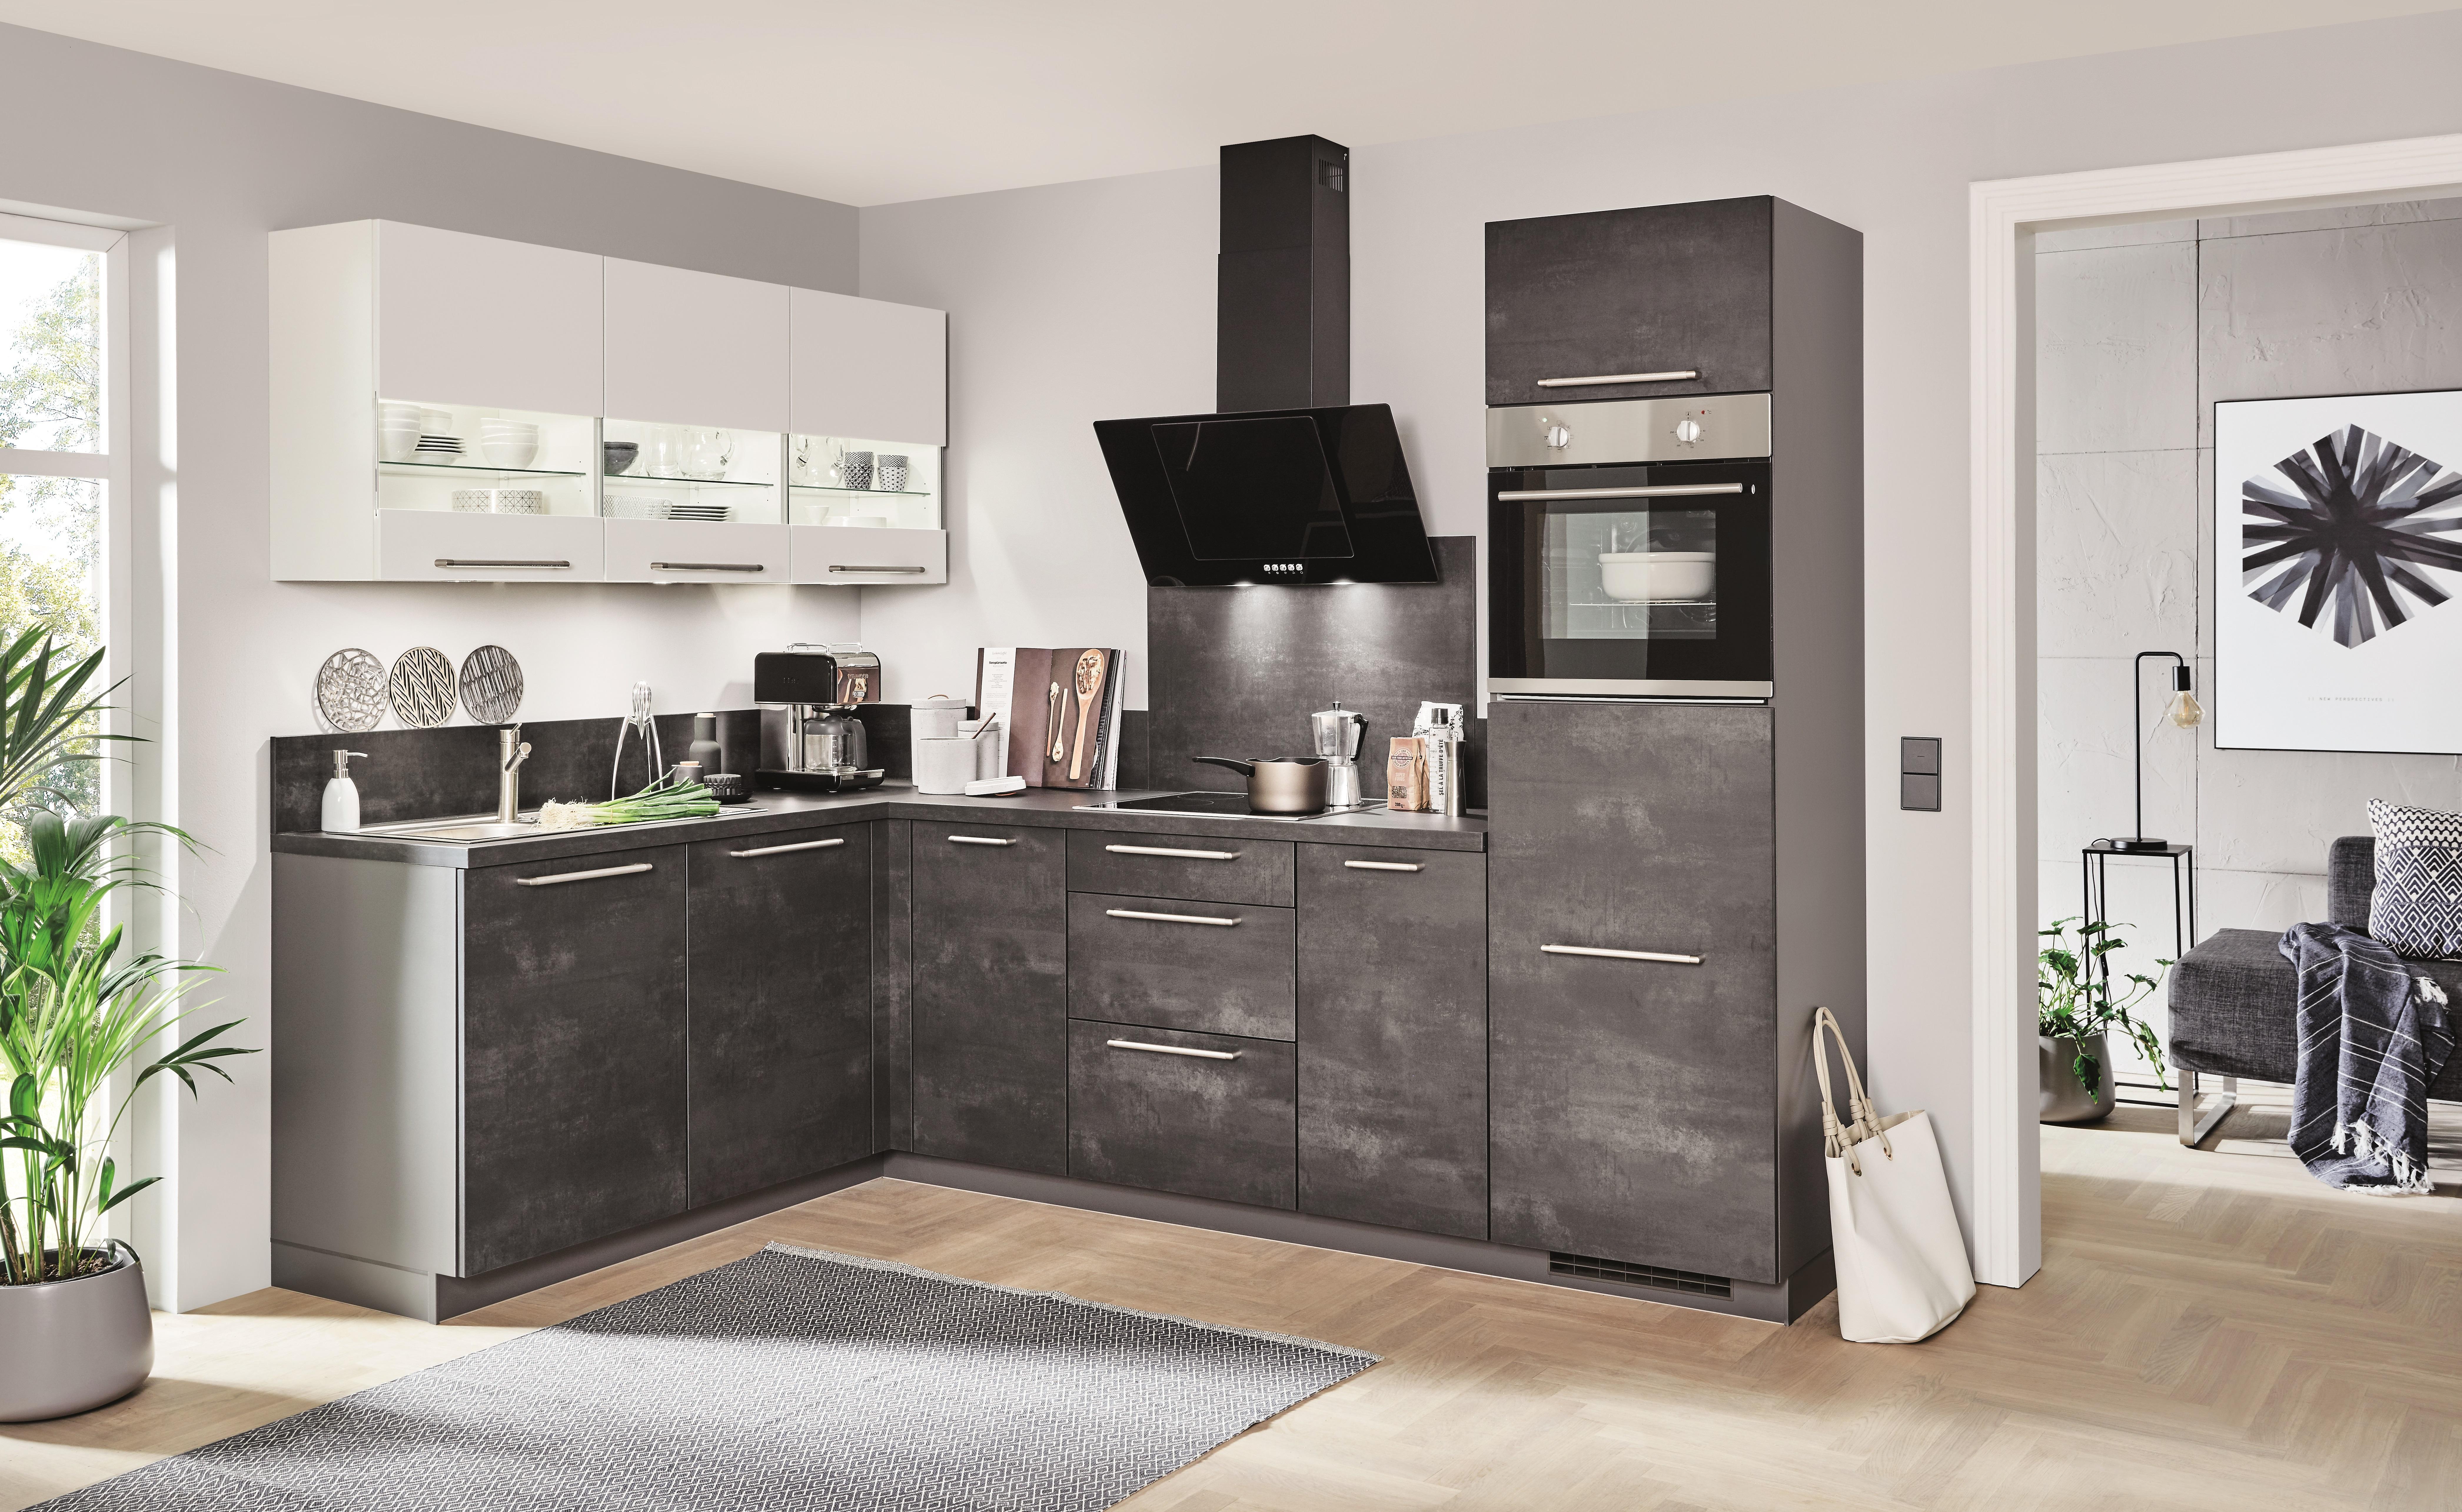 Winkelküche SPEED 239/288 inkl E-Geräte 185 x 275 cm von Nobilia Weiss /  Schwarzbeton